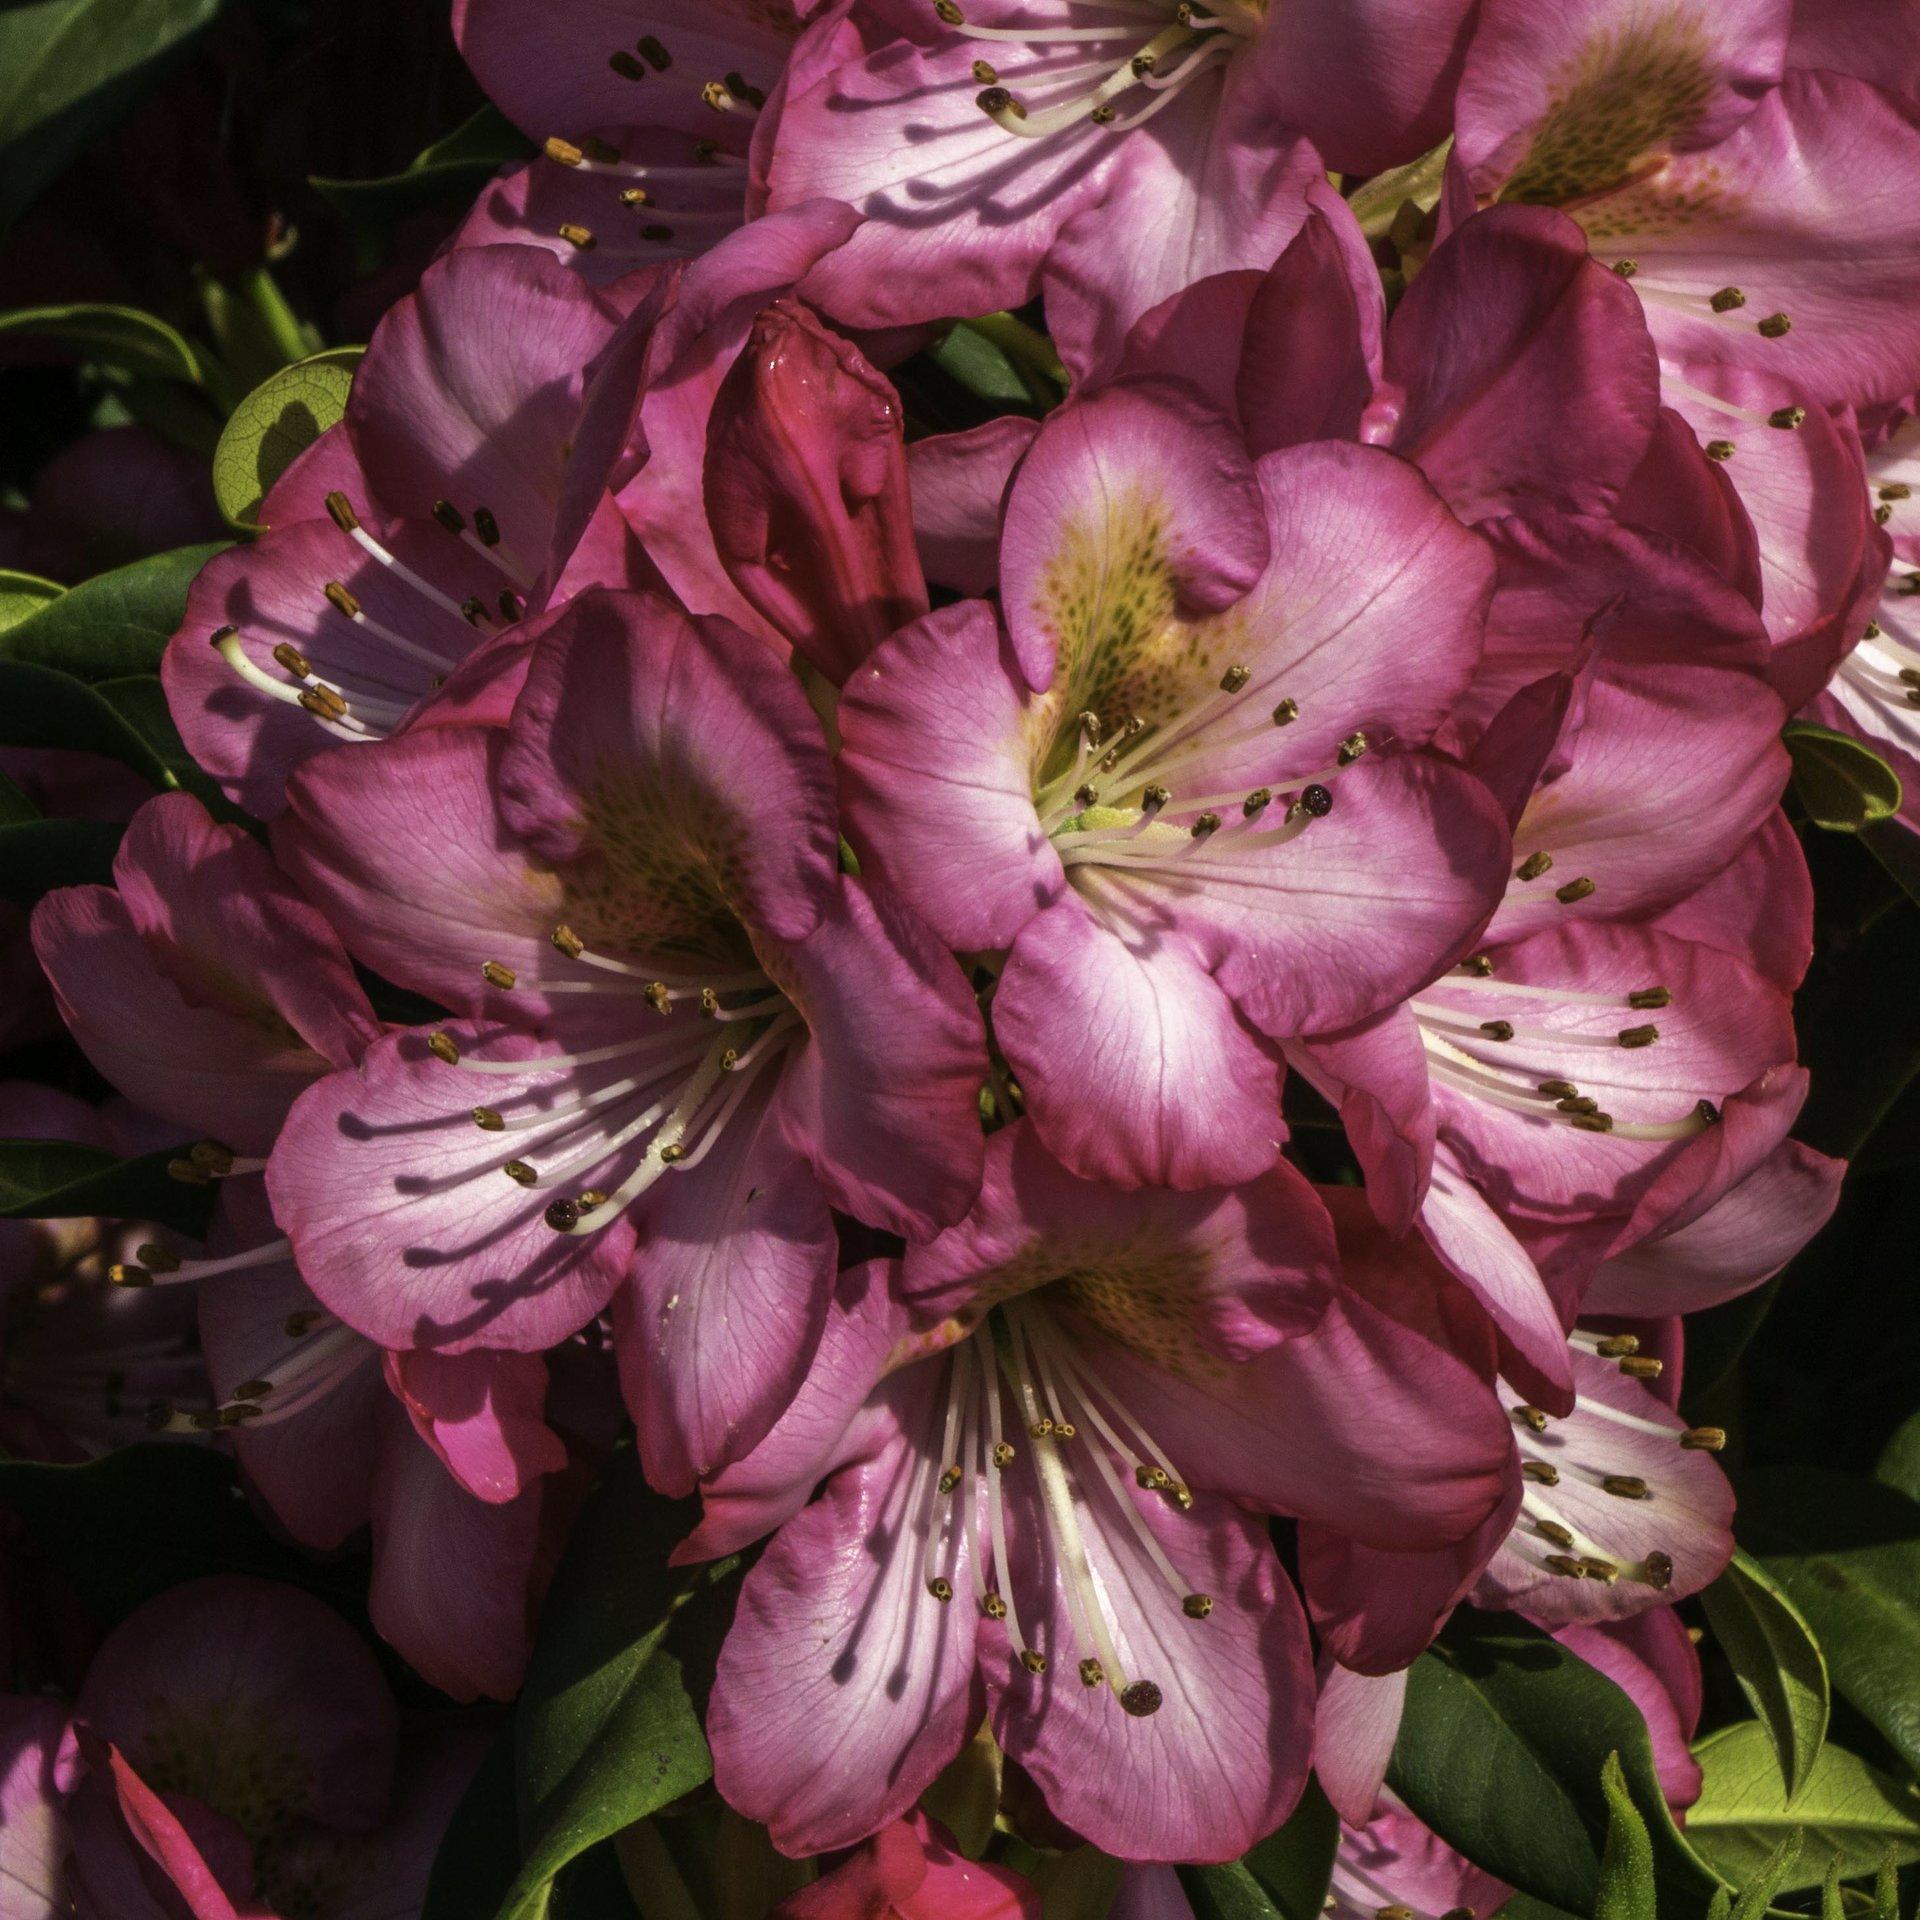 Rhododendron im Rhododendrenhain im Berggarten